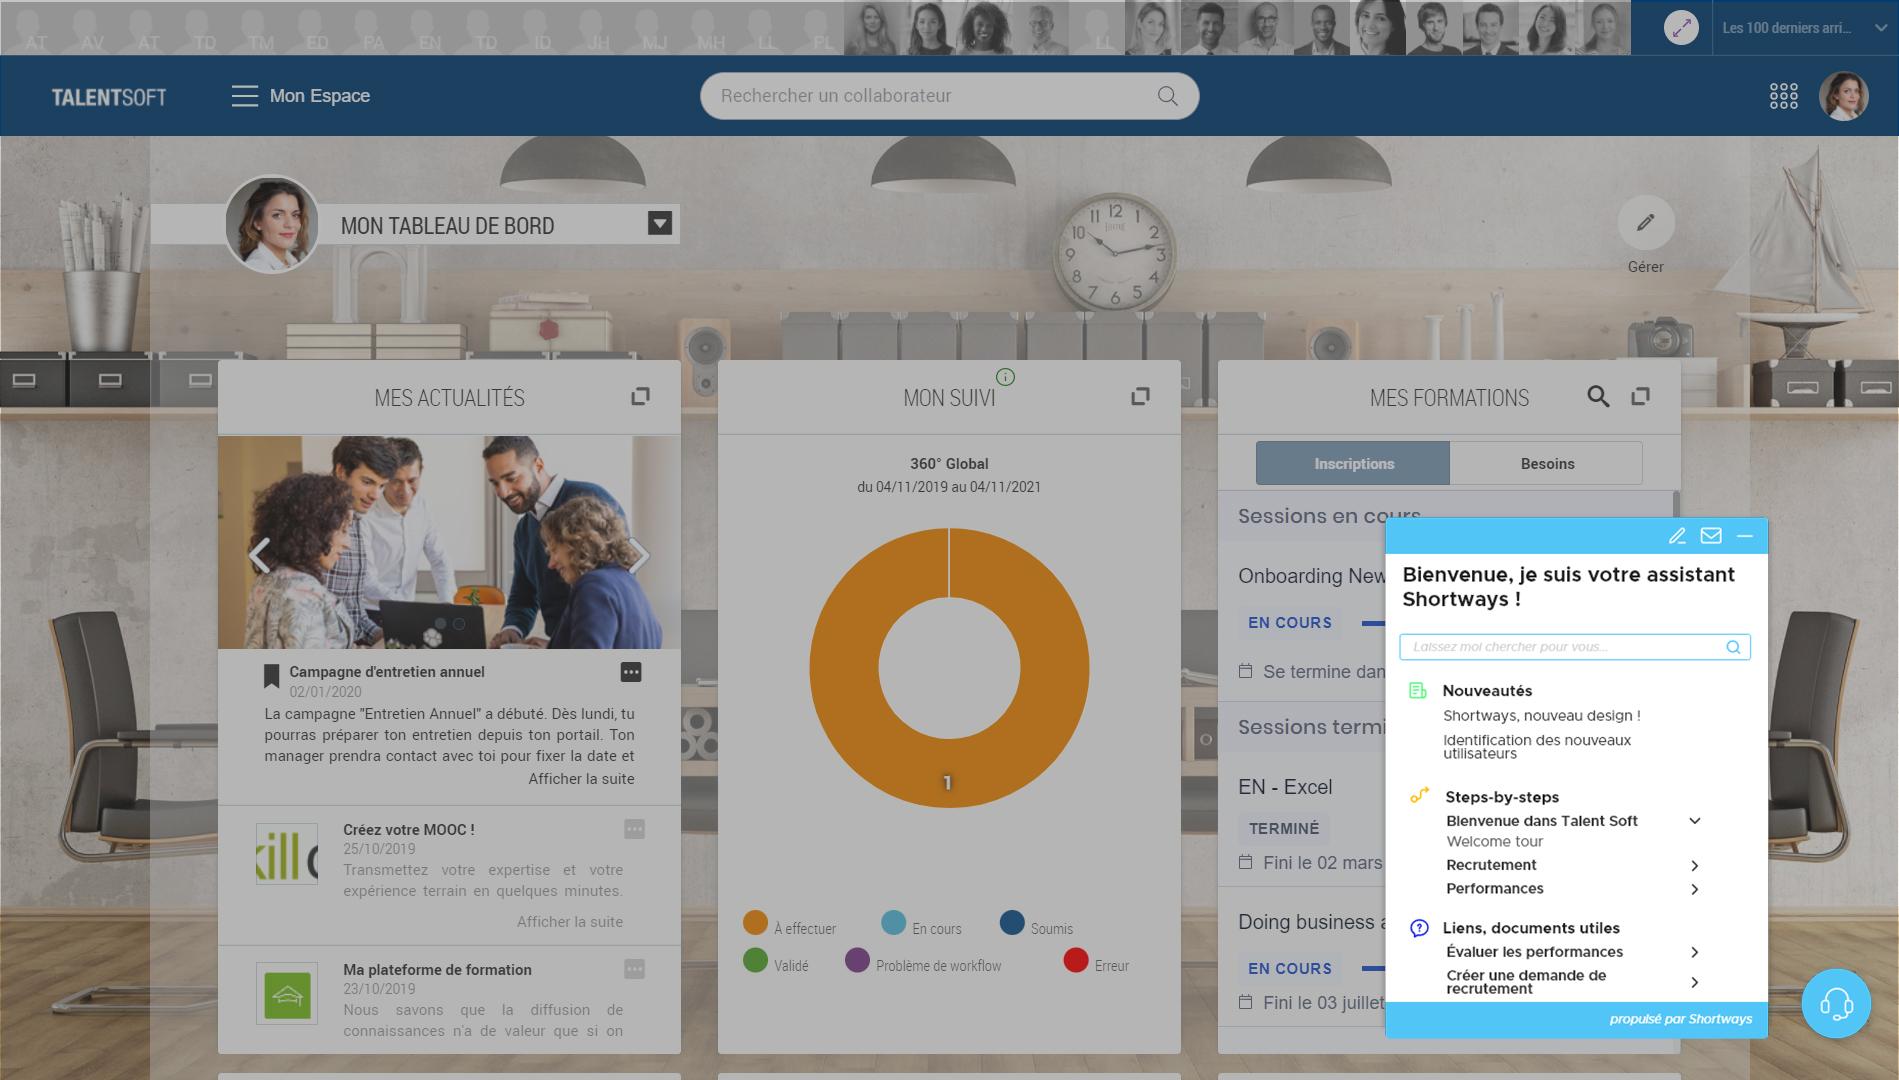 Avis Shortways : Assistant digital pour l'adoption logiciel (SIRH, ERP, CRM) - appvizer